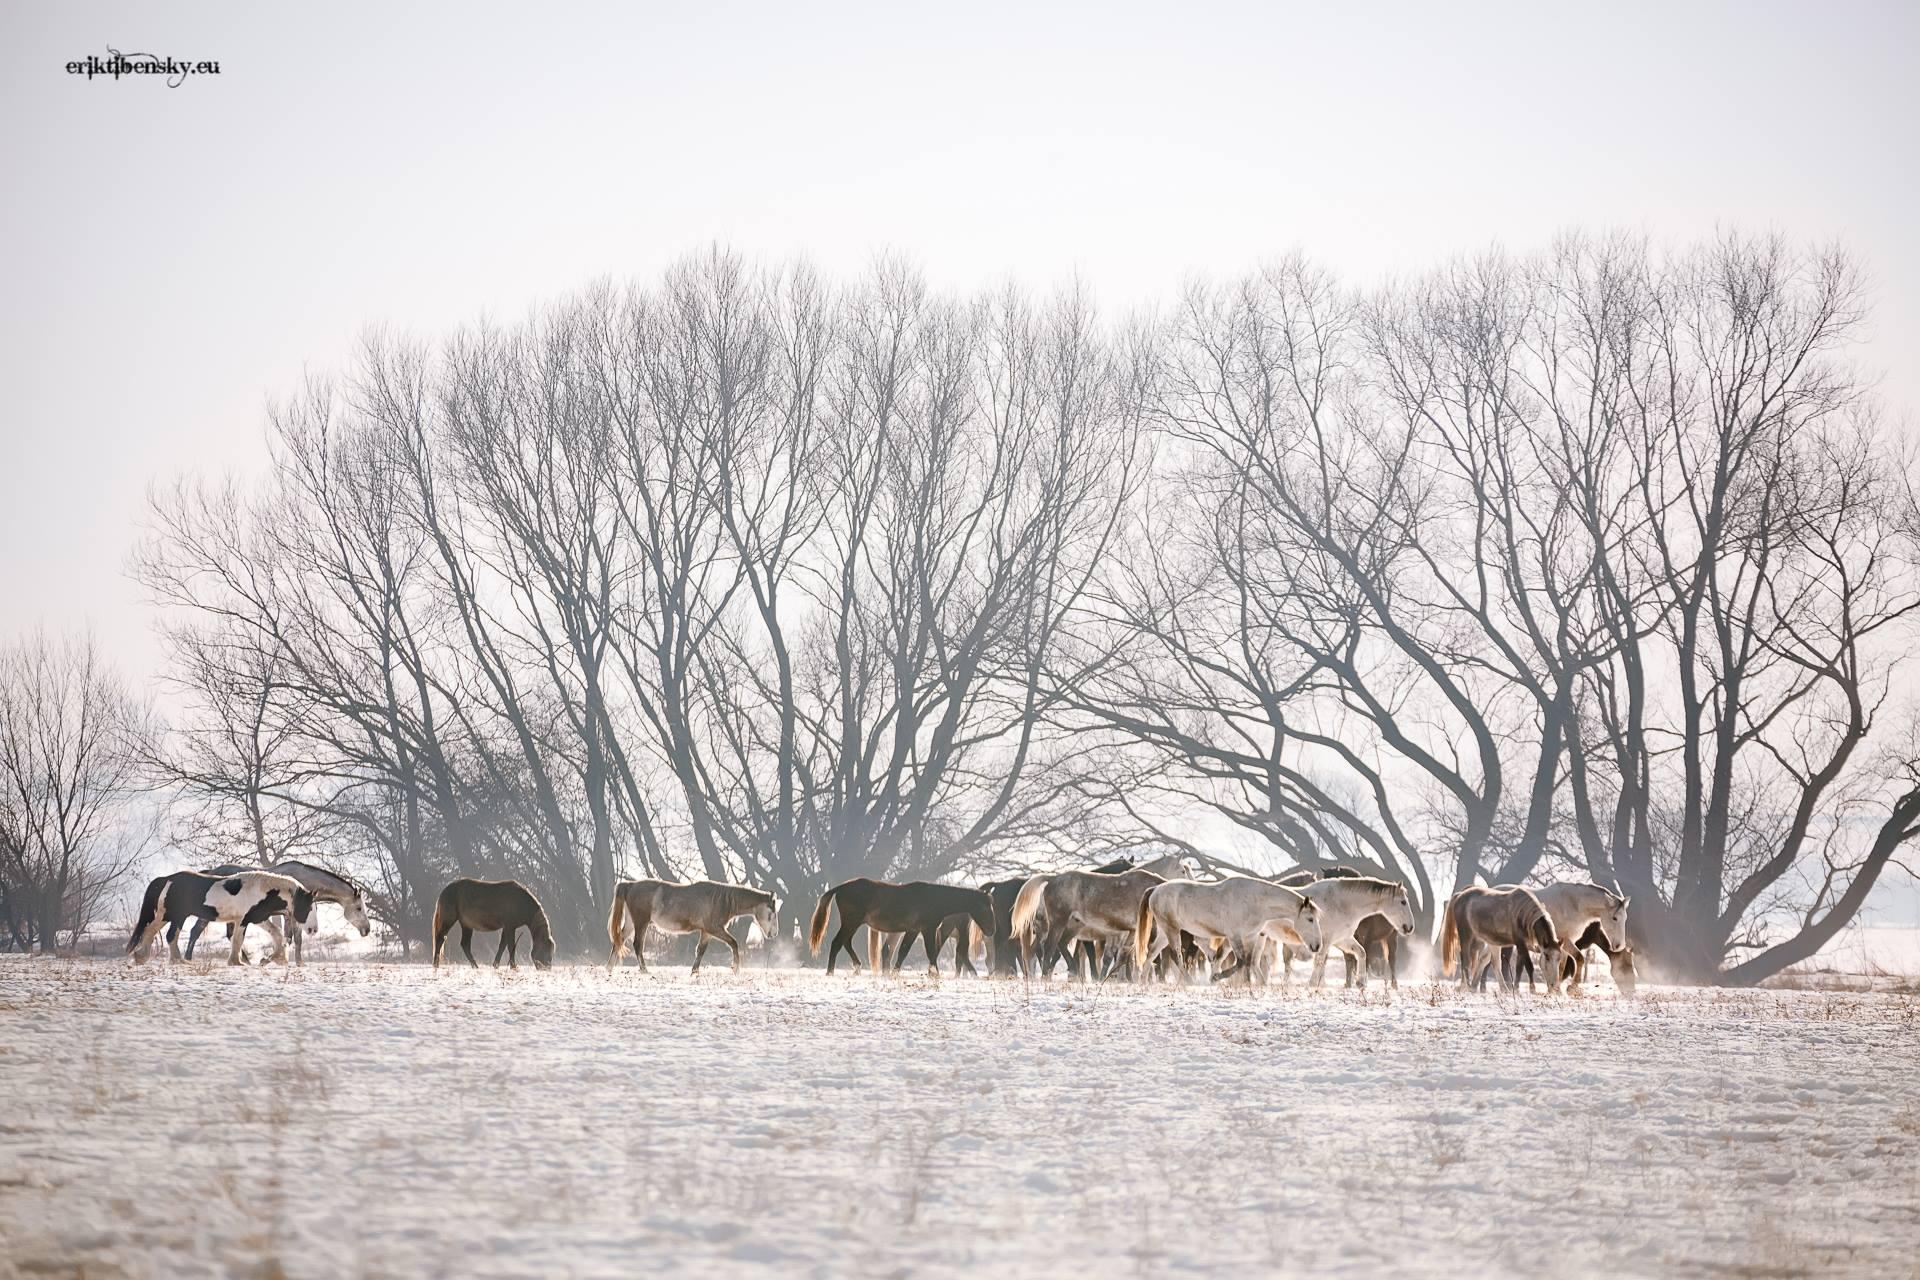 www.eriktibensky.eu-fotograf-kone-wild-horses-photography-1002